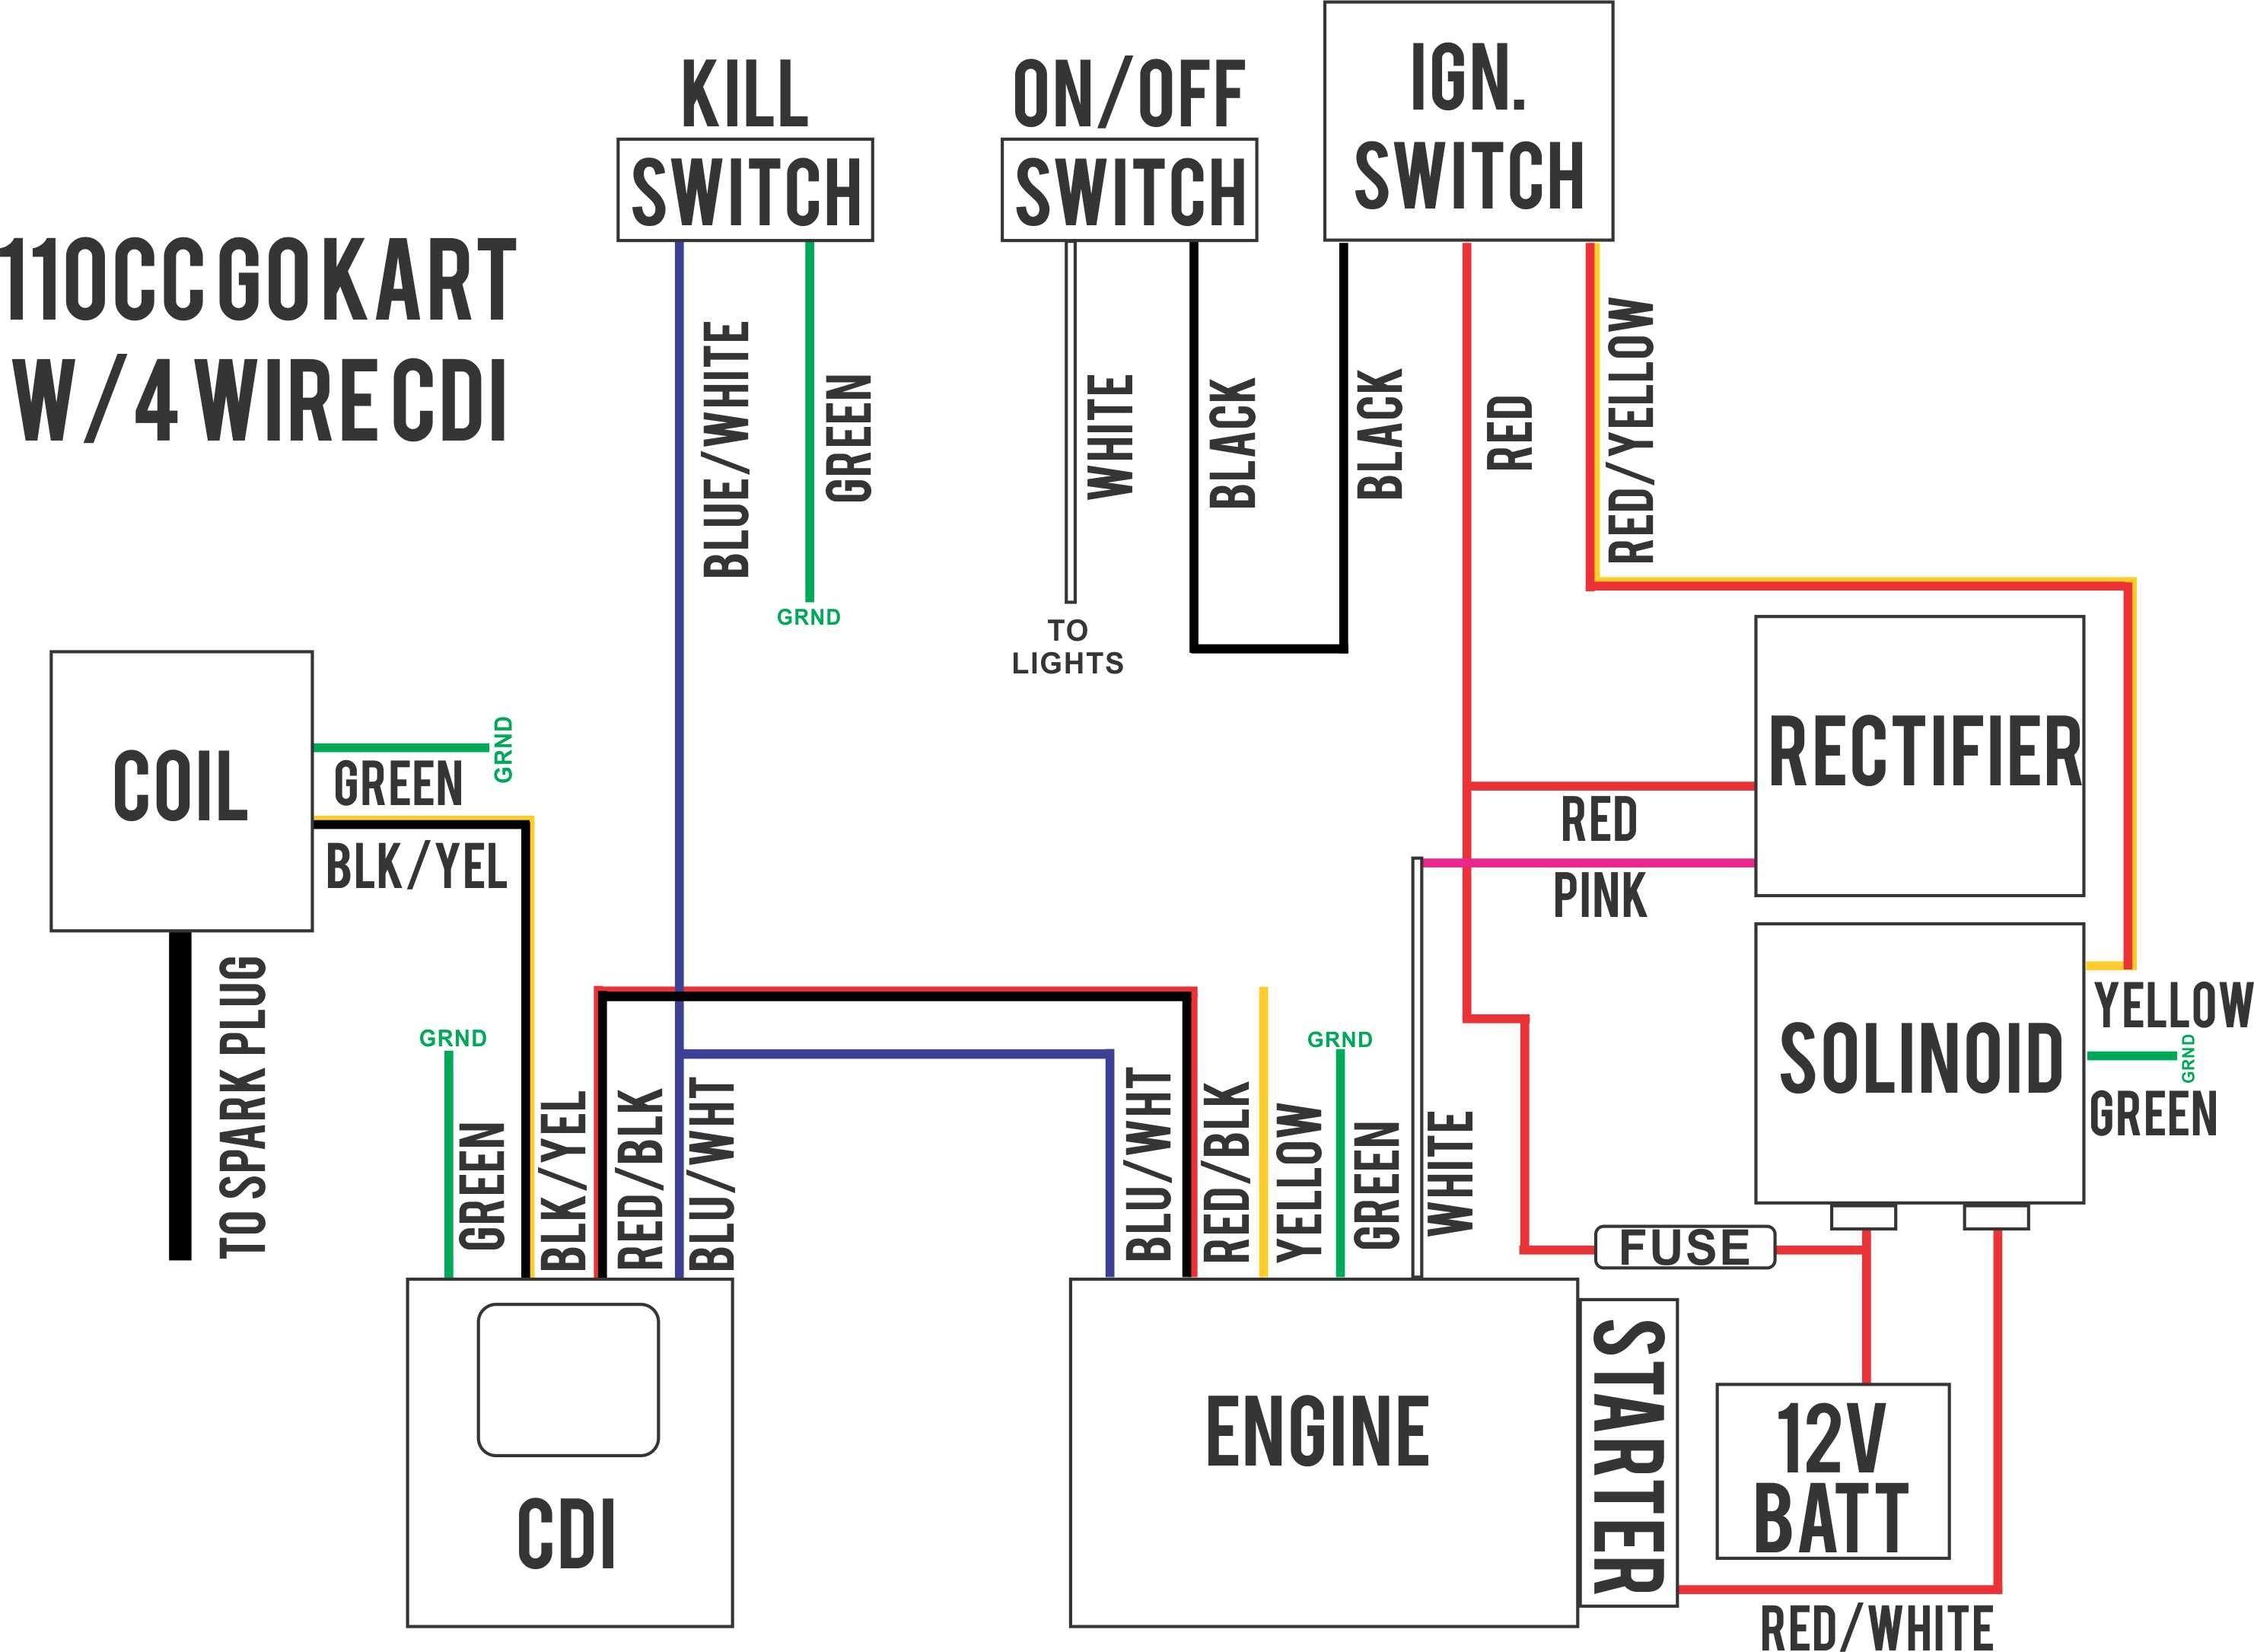 Wiring Diagram For Auto Gate Diagram Diagramtemplate Diagramsample Diagrama De Instalacion Electrica Montajes Electricos Diagrama De Circuito